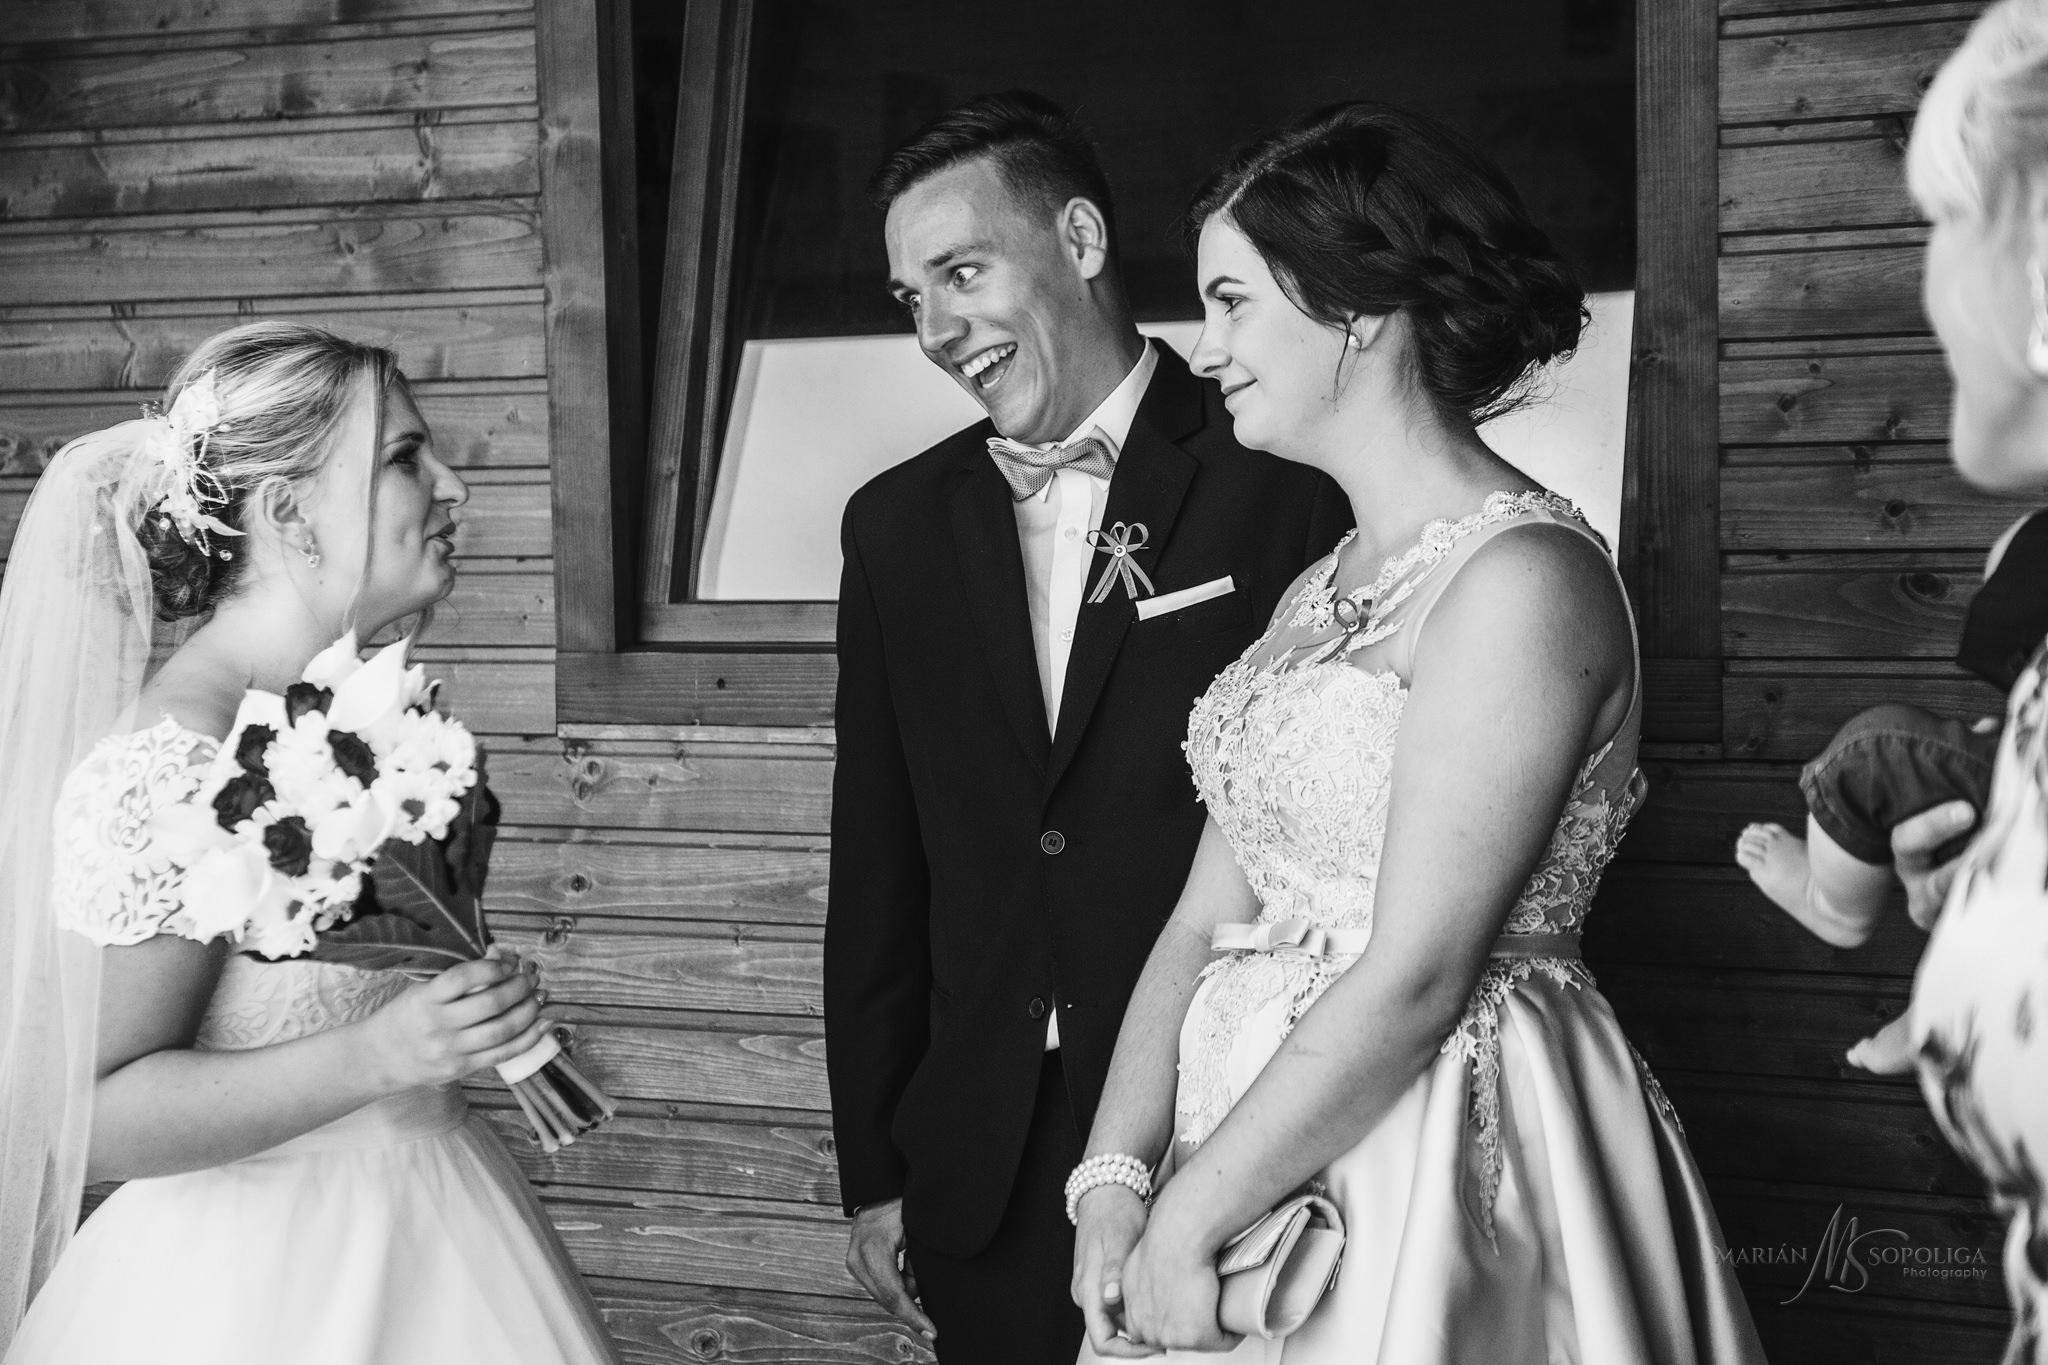 reportazni-svatebni-fotografie-pred-odjezdem-na-obrad.jpg